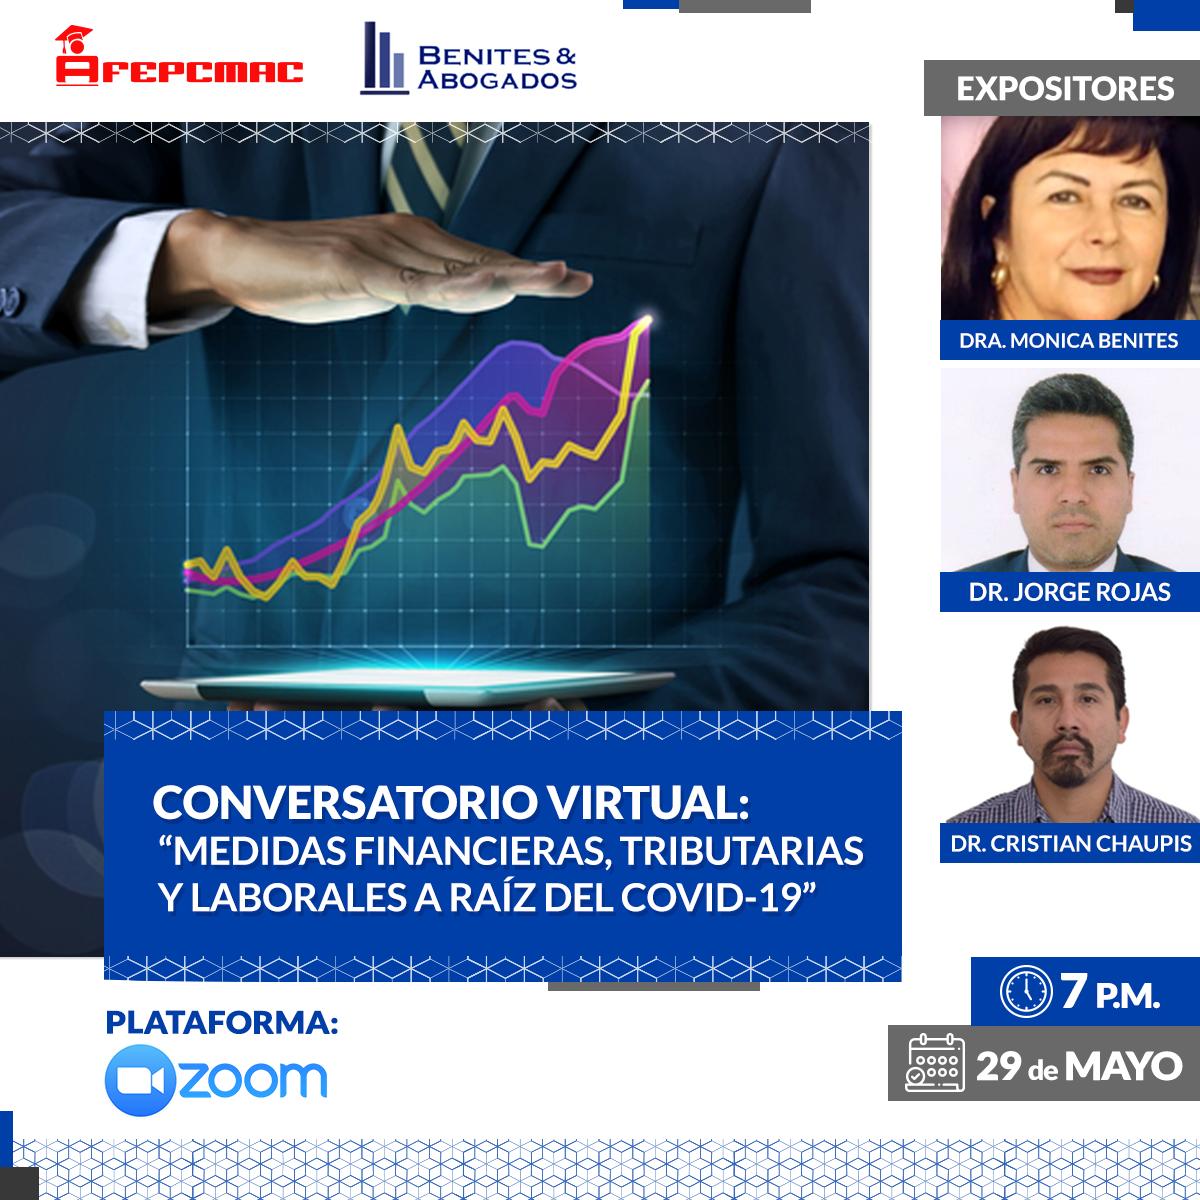 FEPCMAC_conversatorio_virtual_(medidas_financieras)FACEBOOK